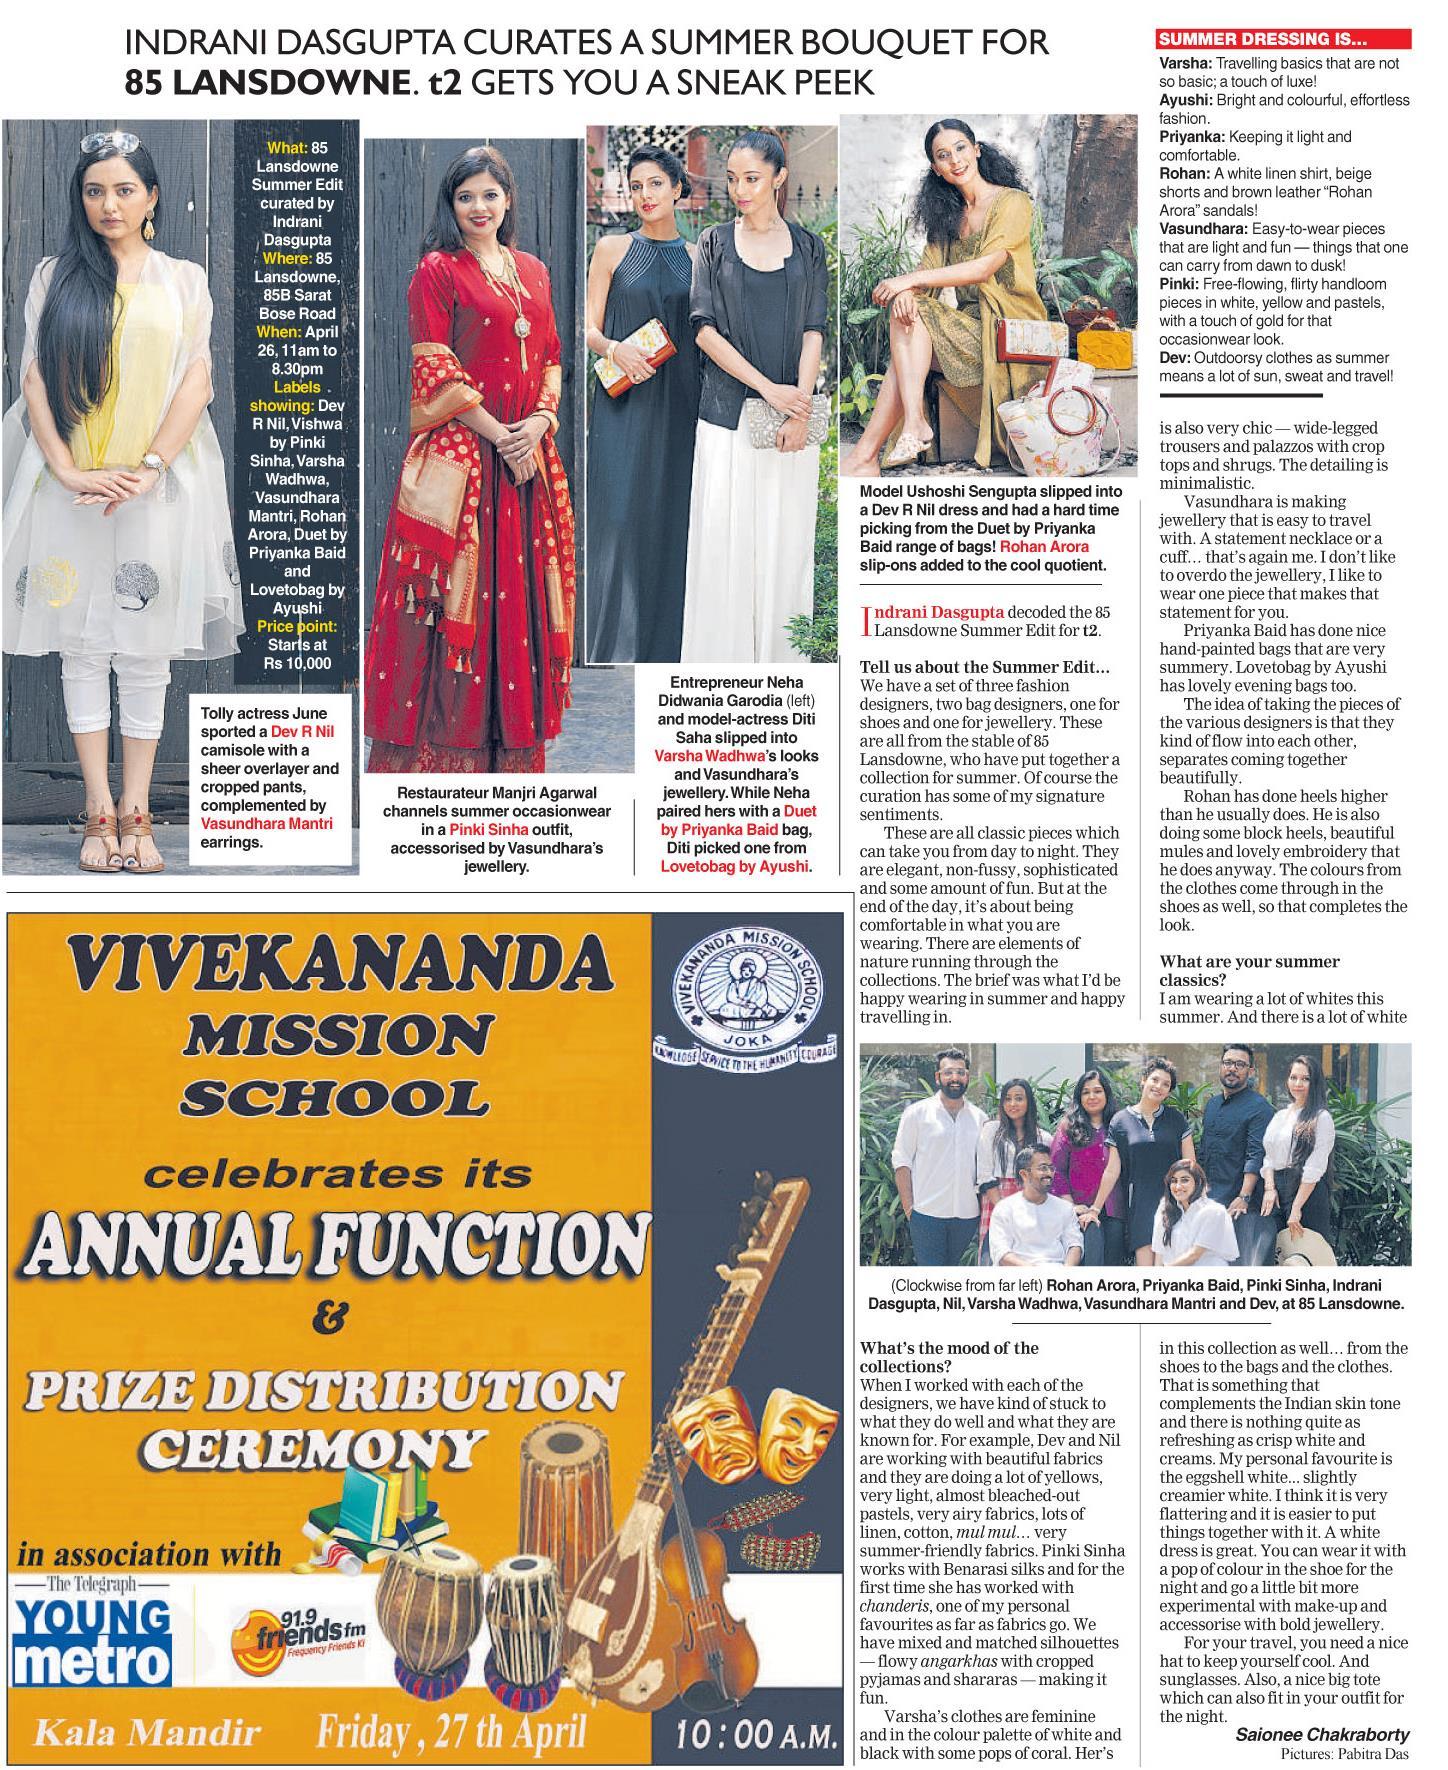 t2 - The Telegraph Kolkata